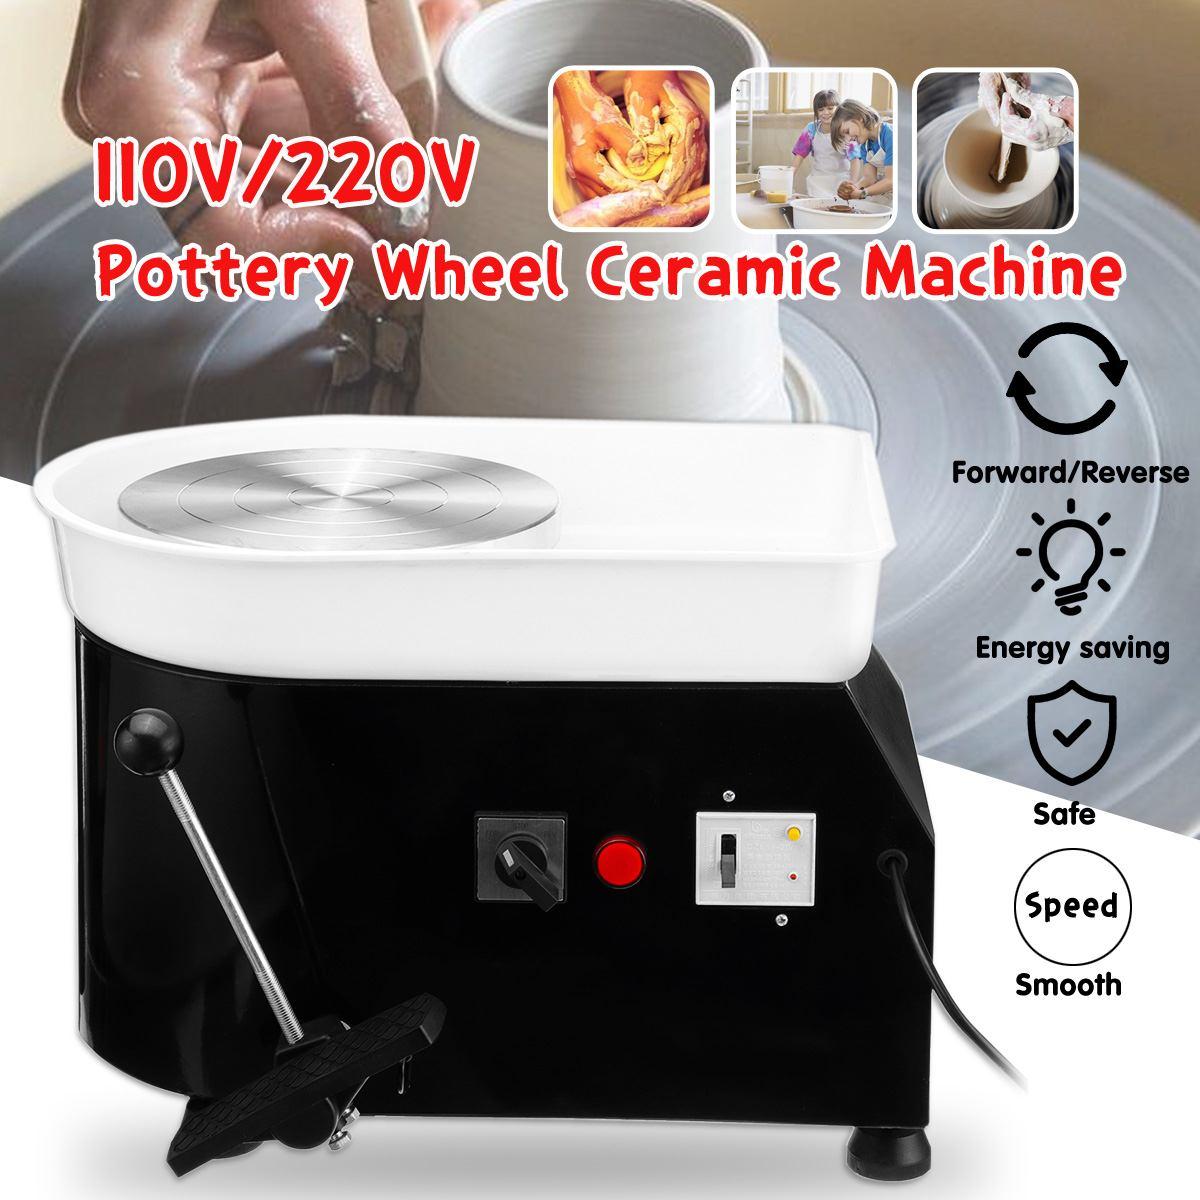 Poterie formant la Machine 110 V/220 V 350 W poterie électrique roue argile pour travaux pratiques outil plateau Flexible pédale pour céramique travail céramique